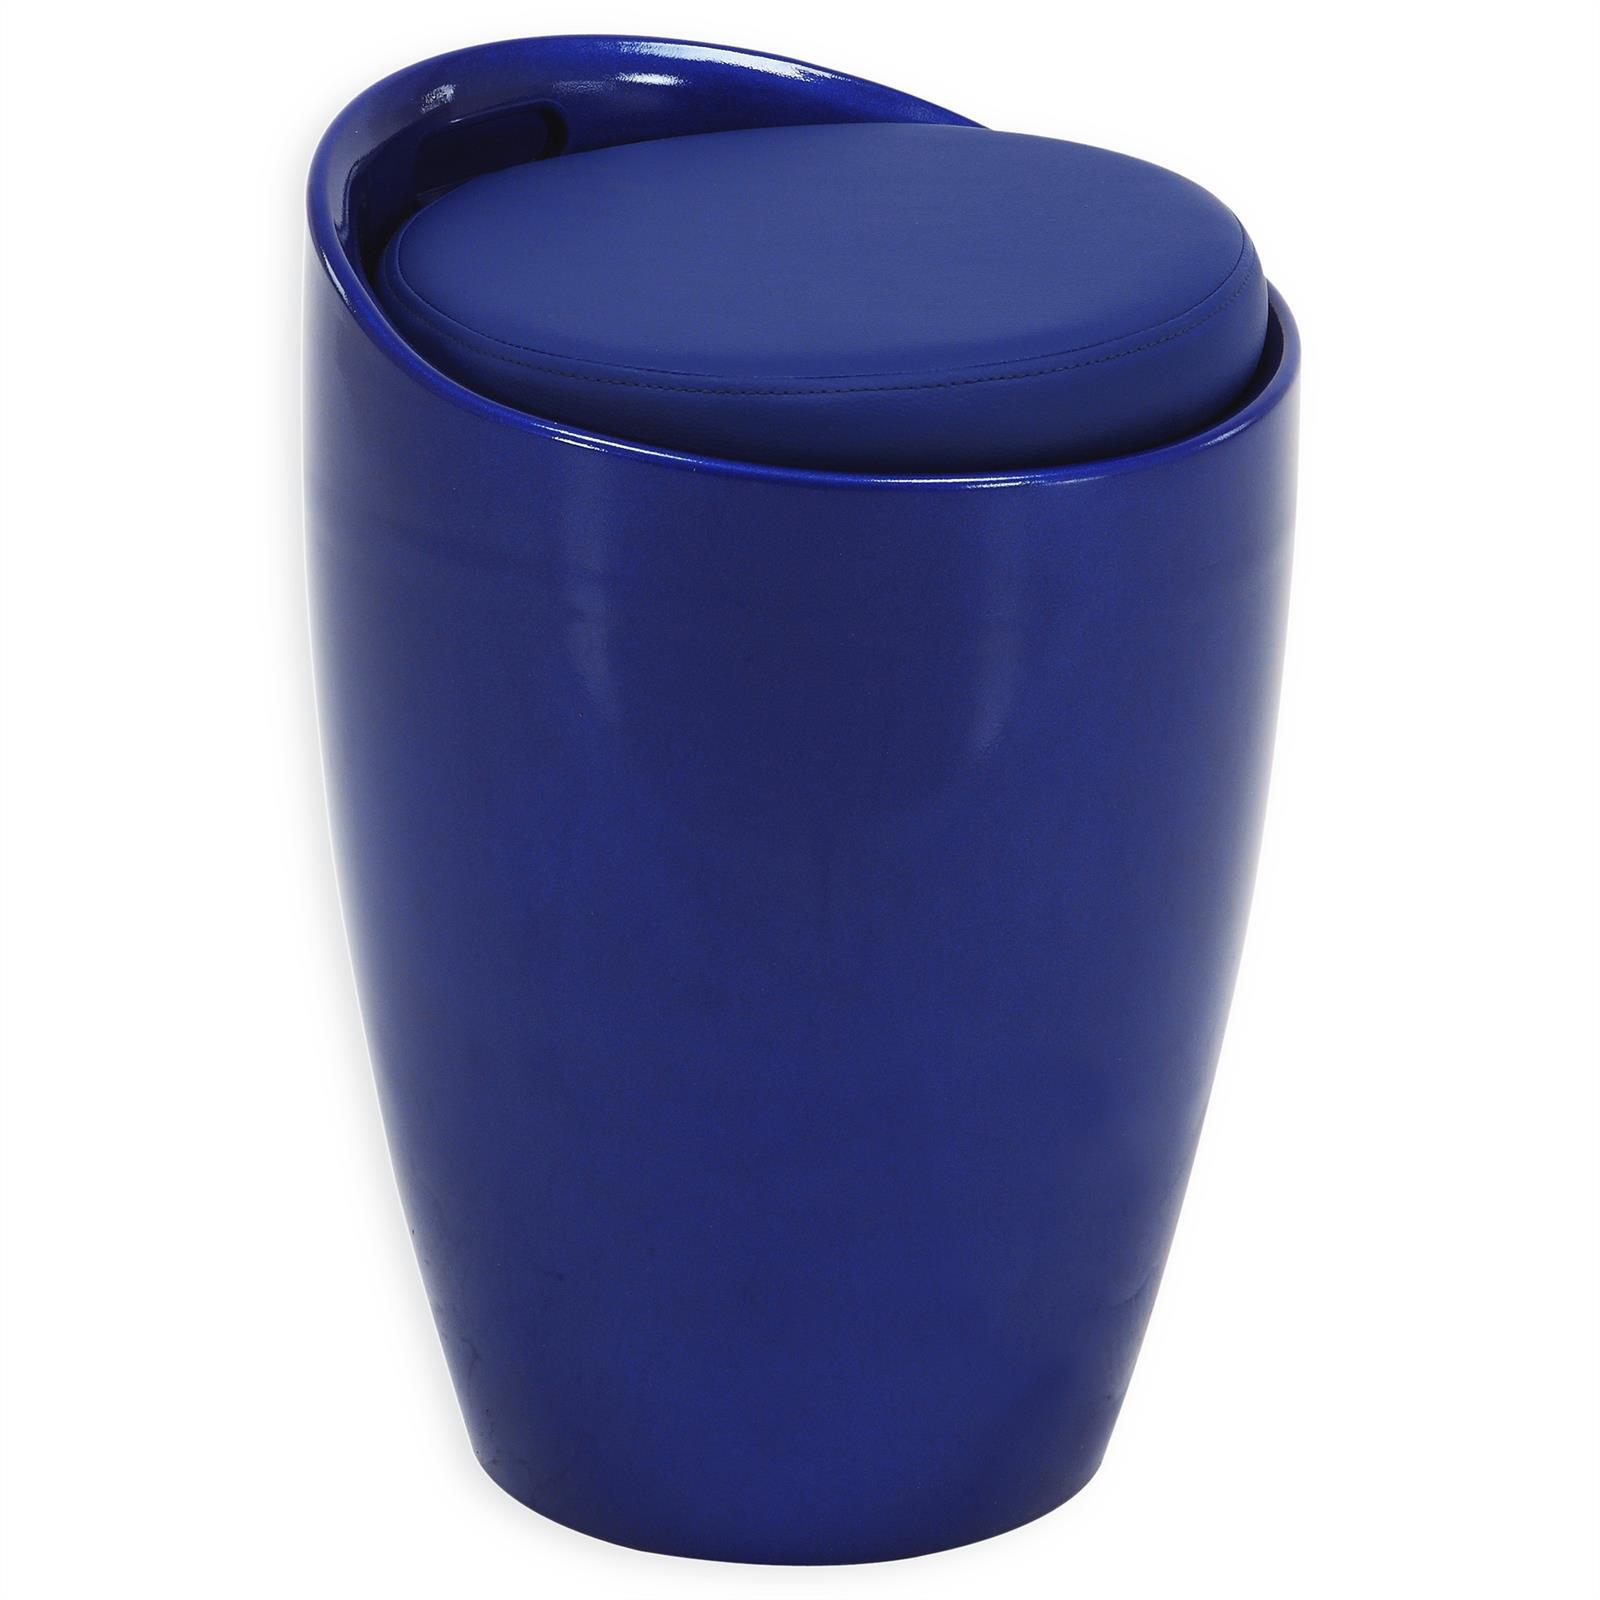 Sitzhocker daniel mit stauraum blau mobilia24 for Sitzhocker mit stauraum